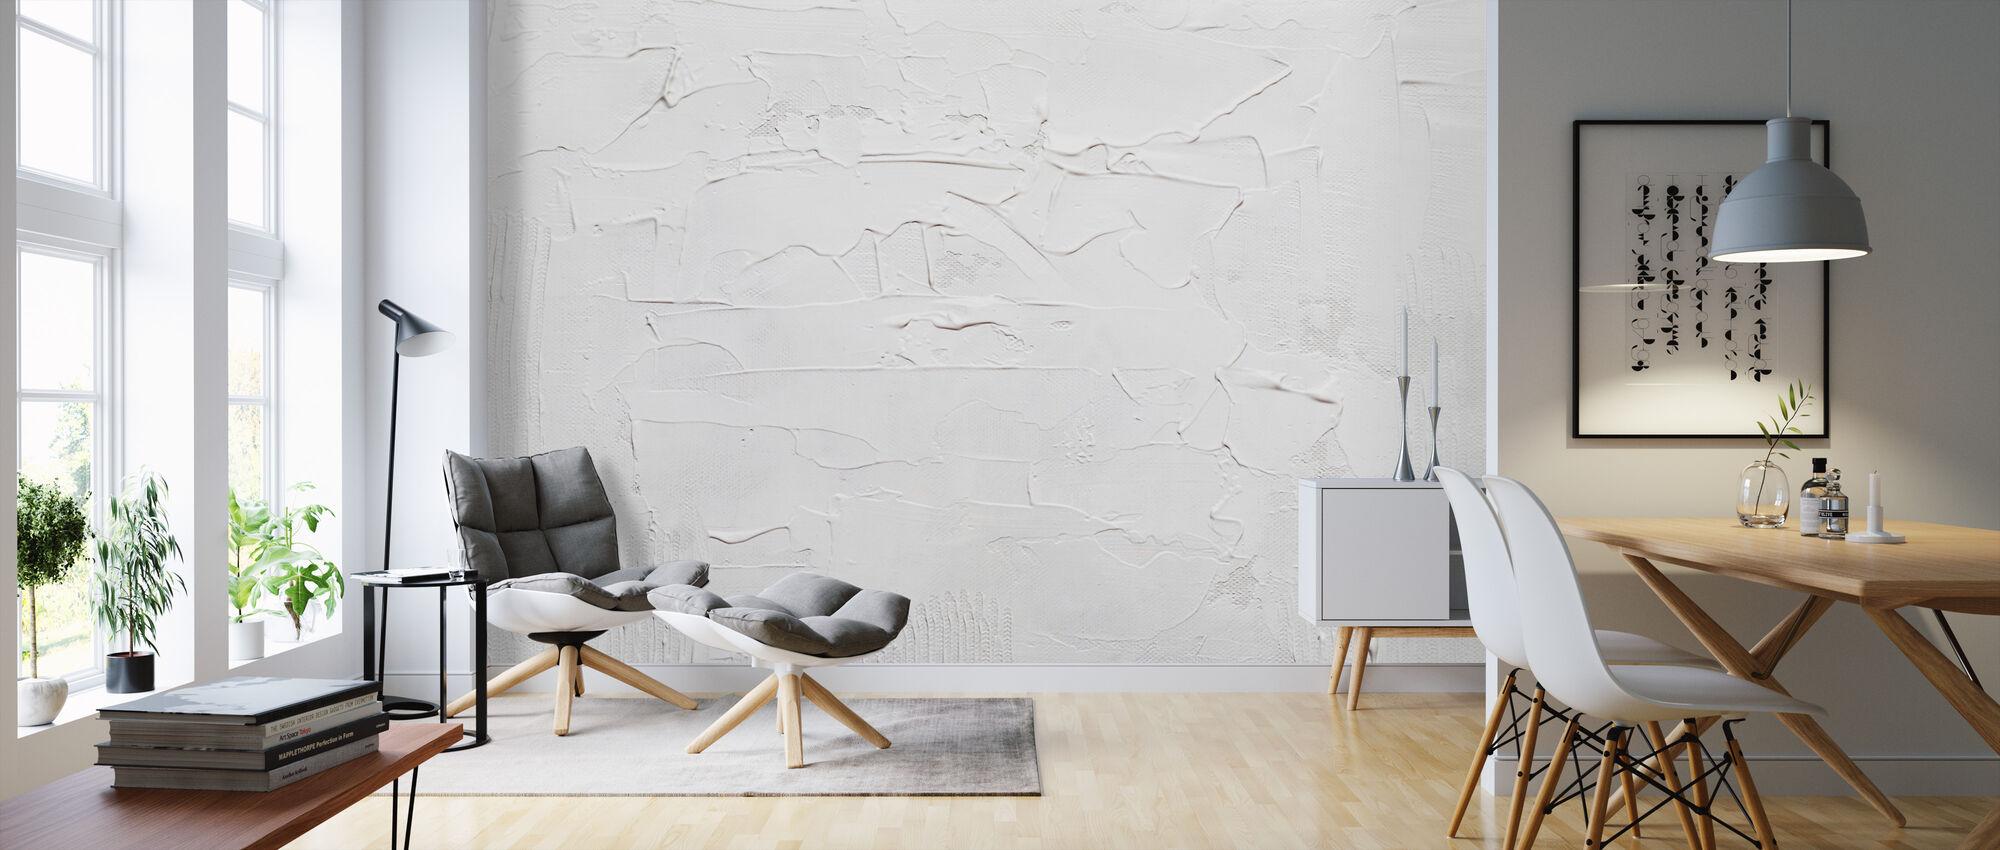 White Background - Wallpaper - Living Room